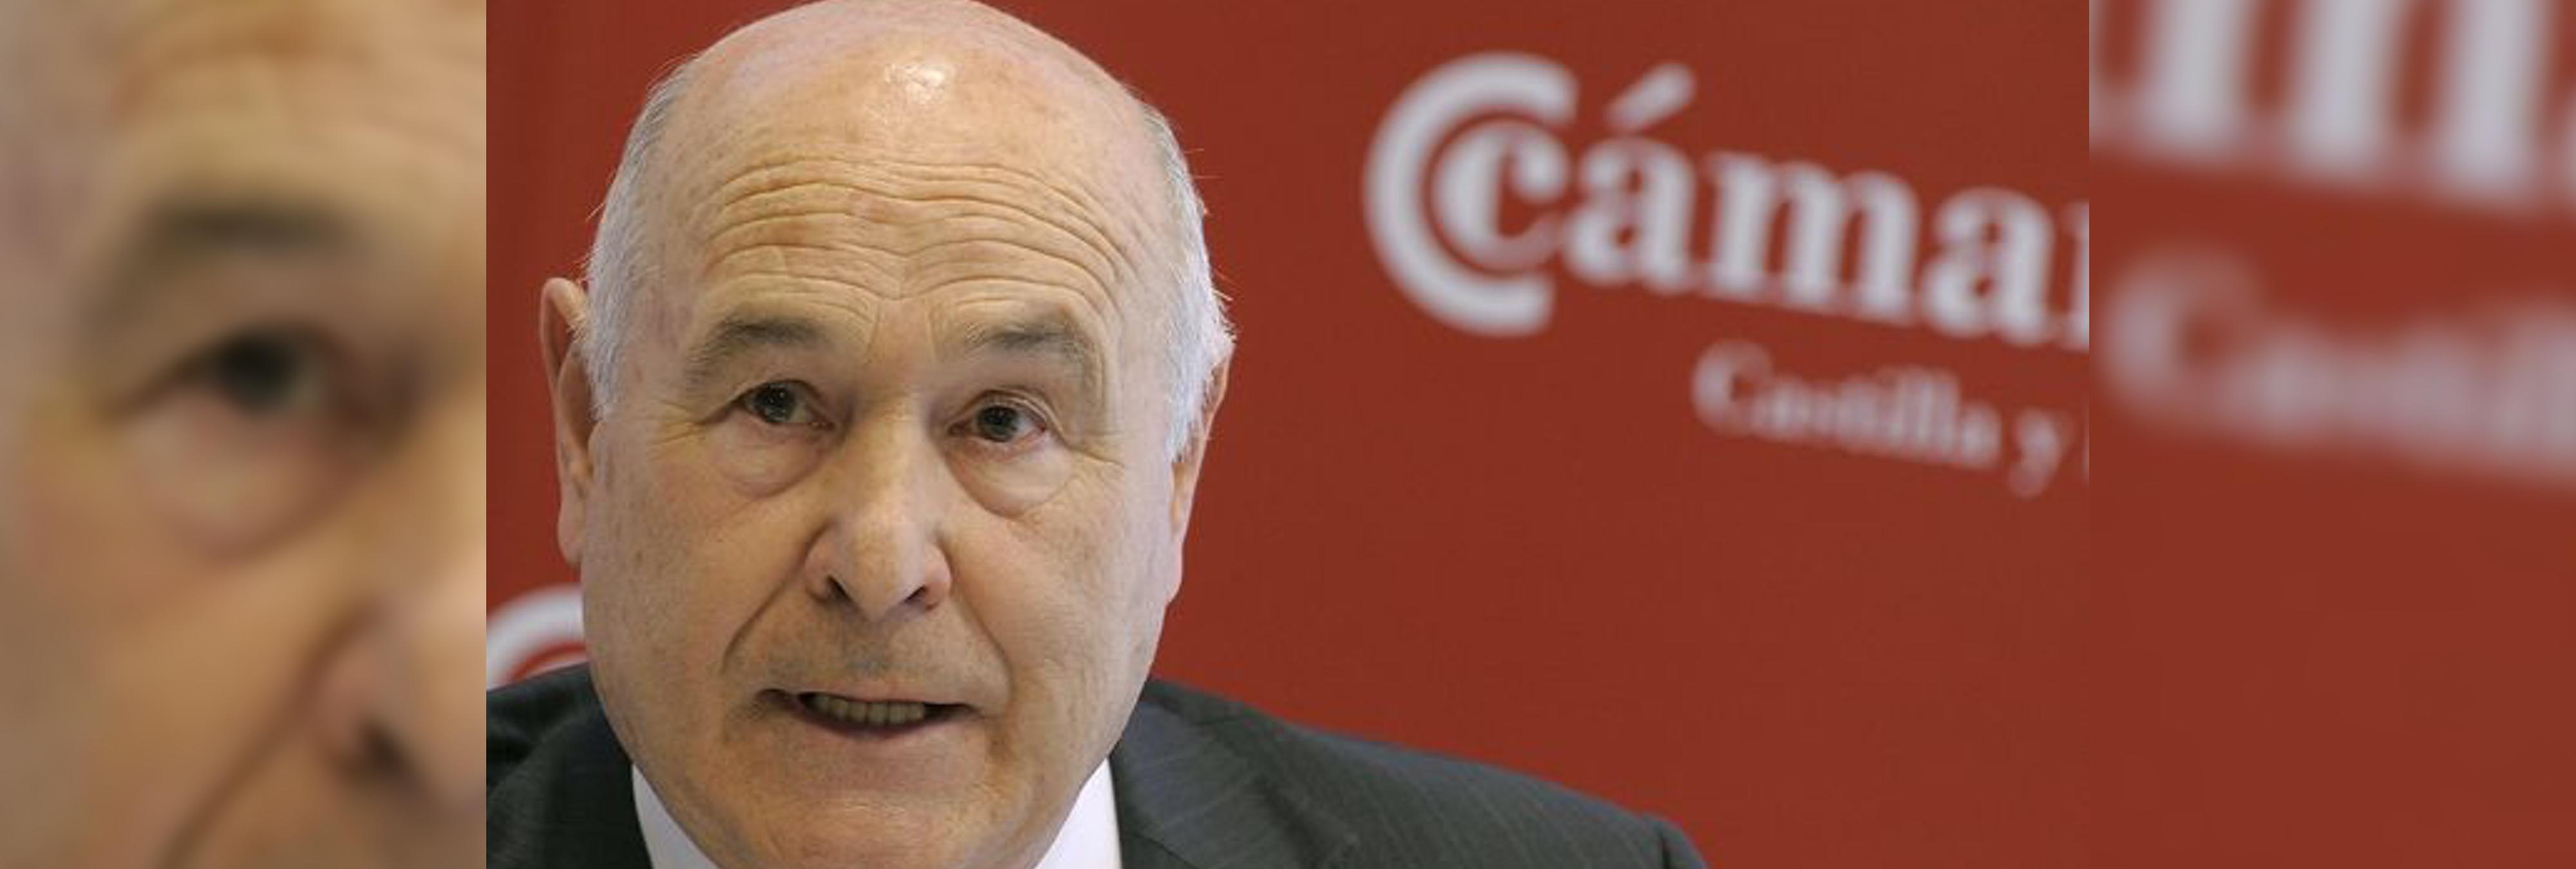 Pipas Facundo, Sicav amnistiada por Montoro, deja de apoyar a la economía española